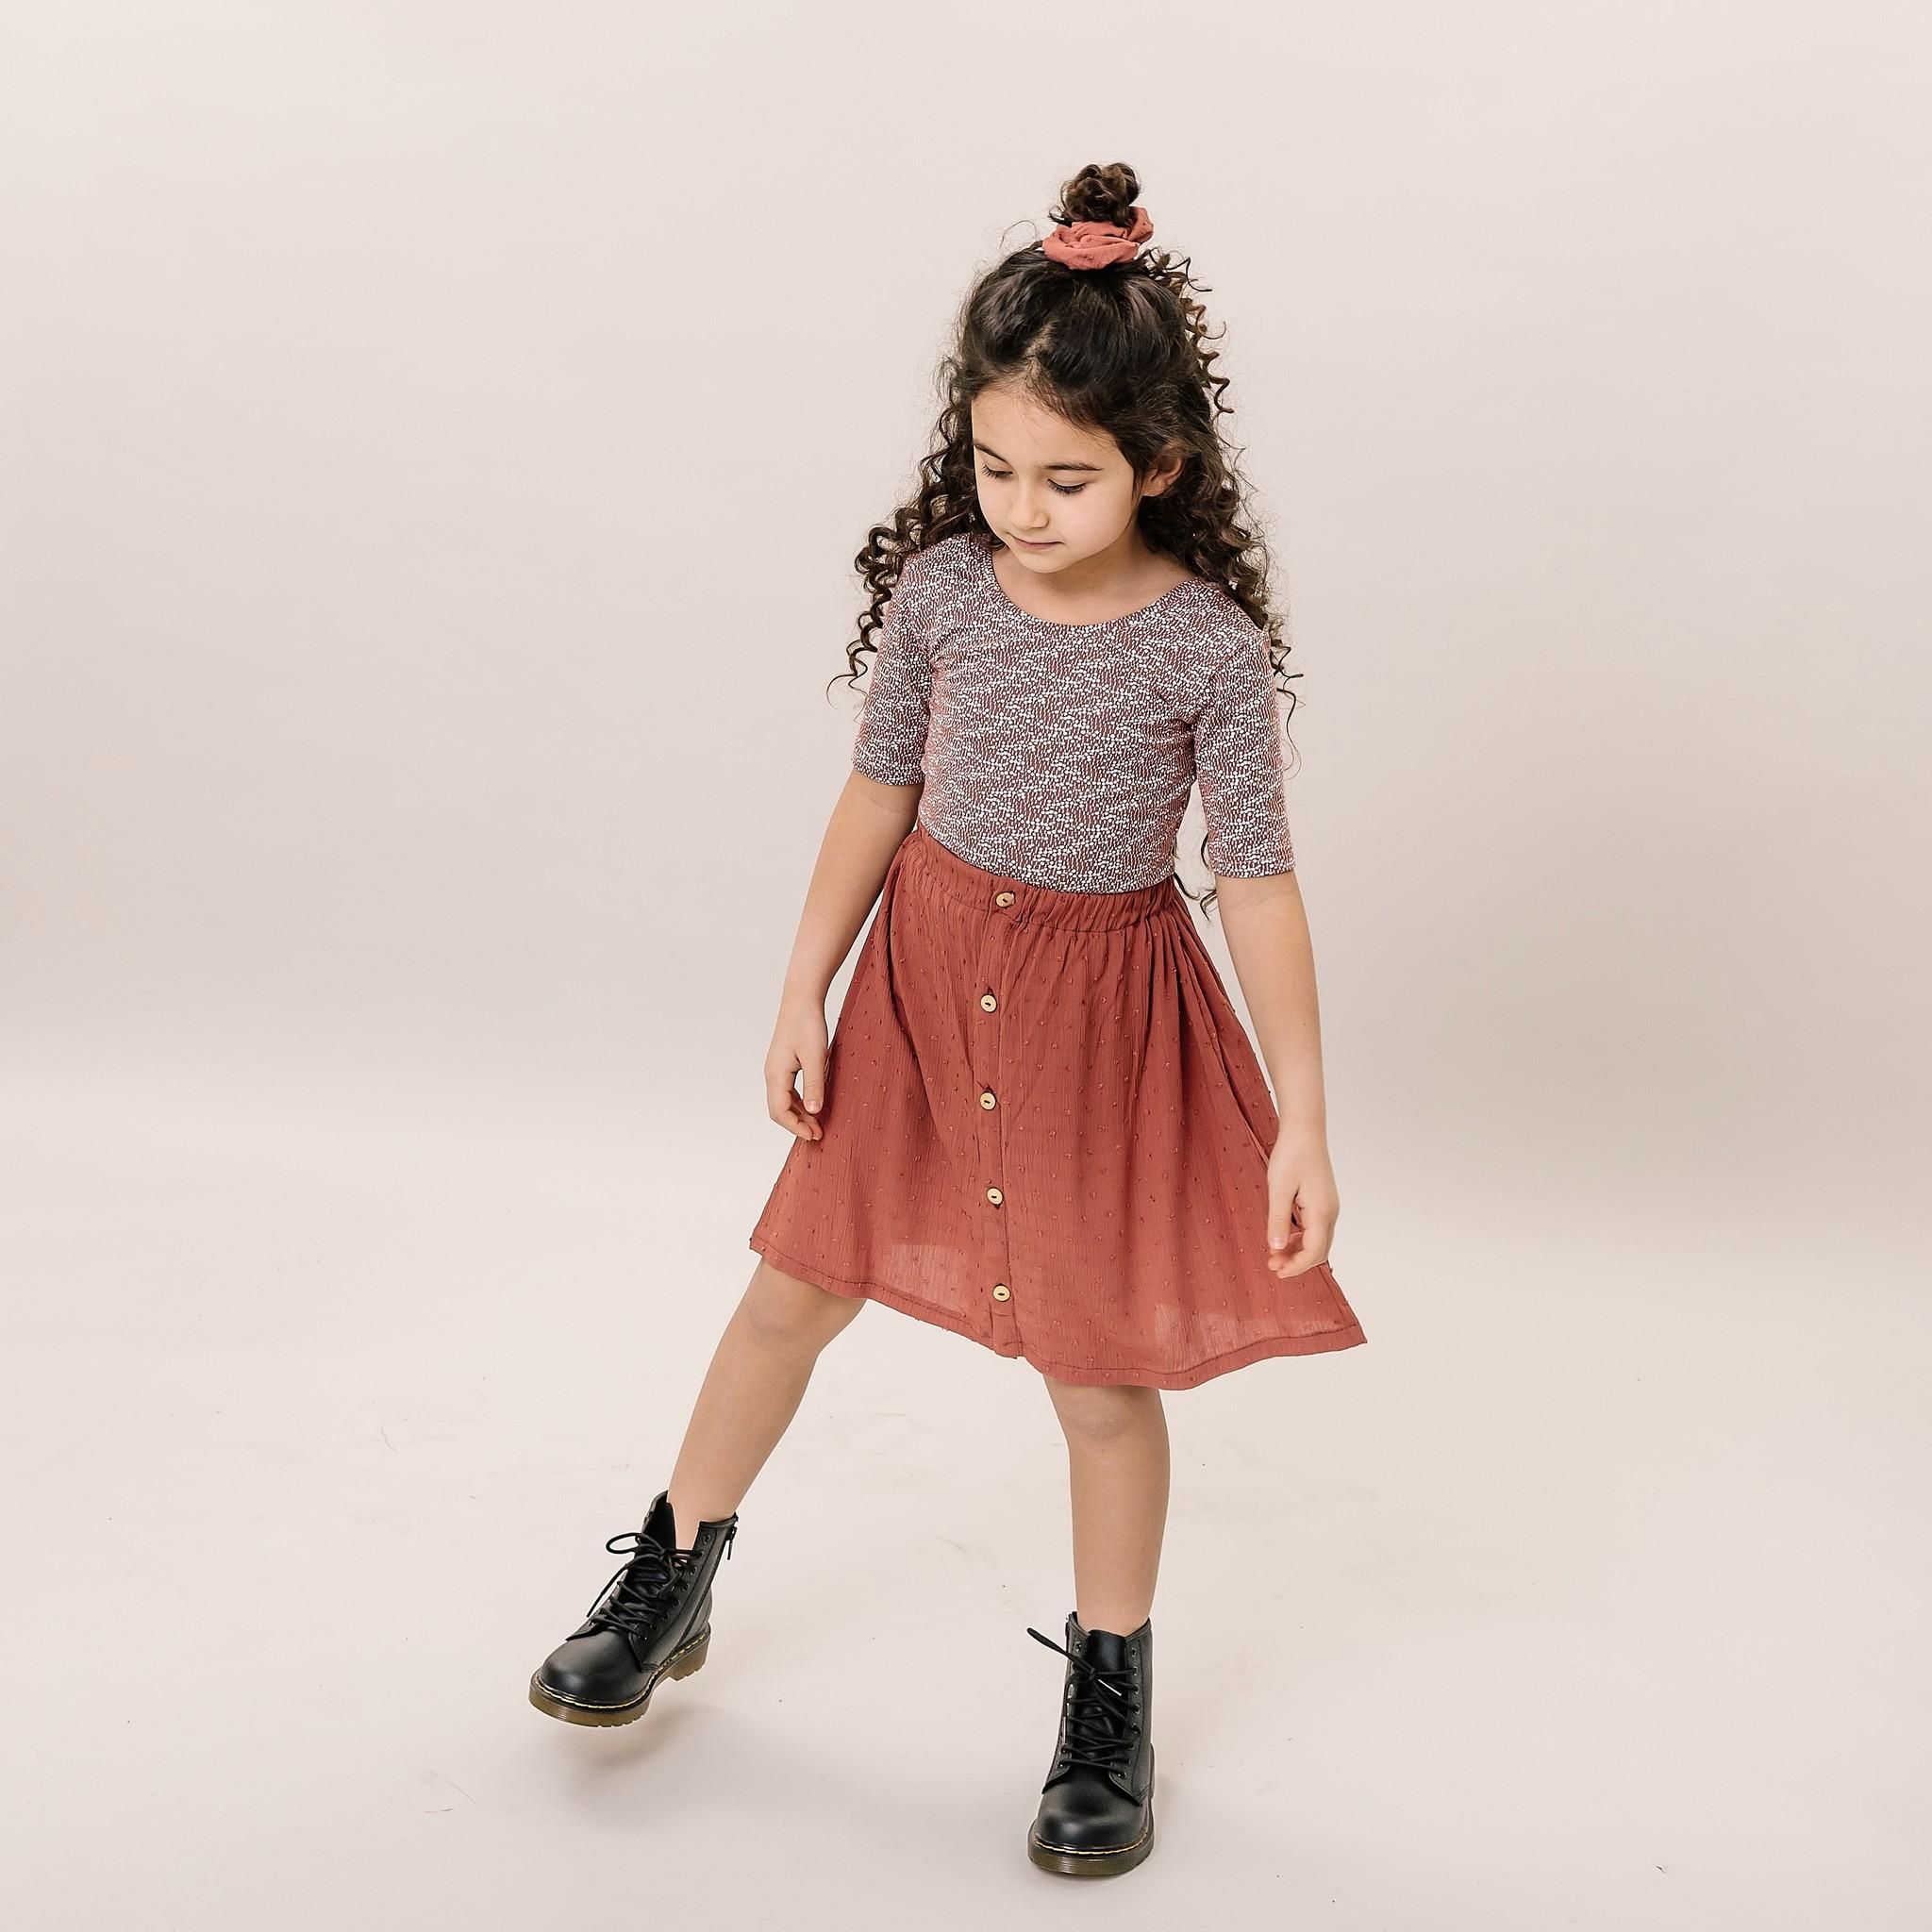 No Labels Kidswear SHIRT MET LAGE RUG   SHIRT MET BLOEMEN PRINT   MEISJESKLEDING